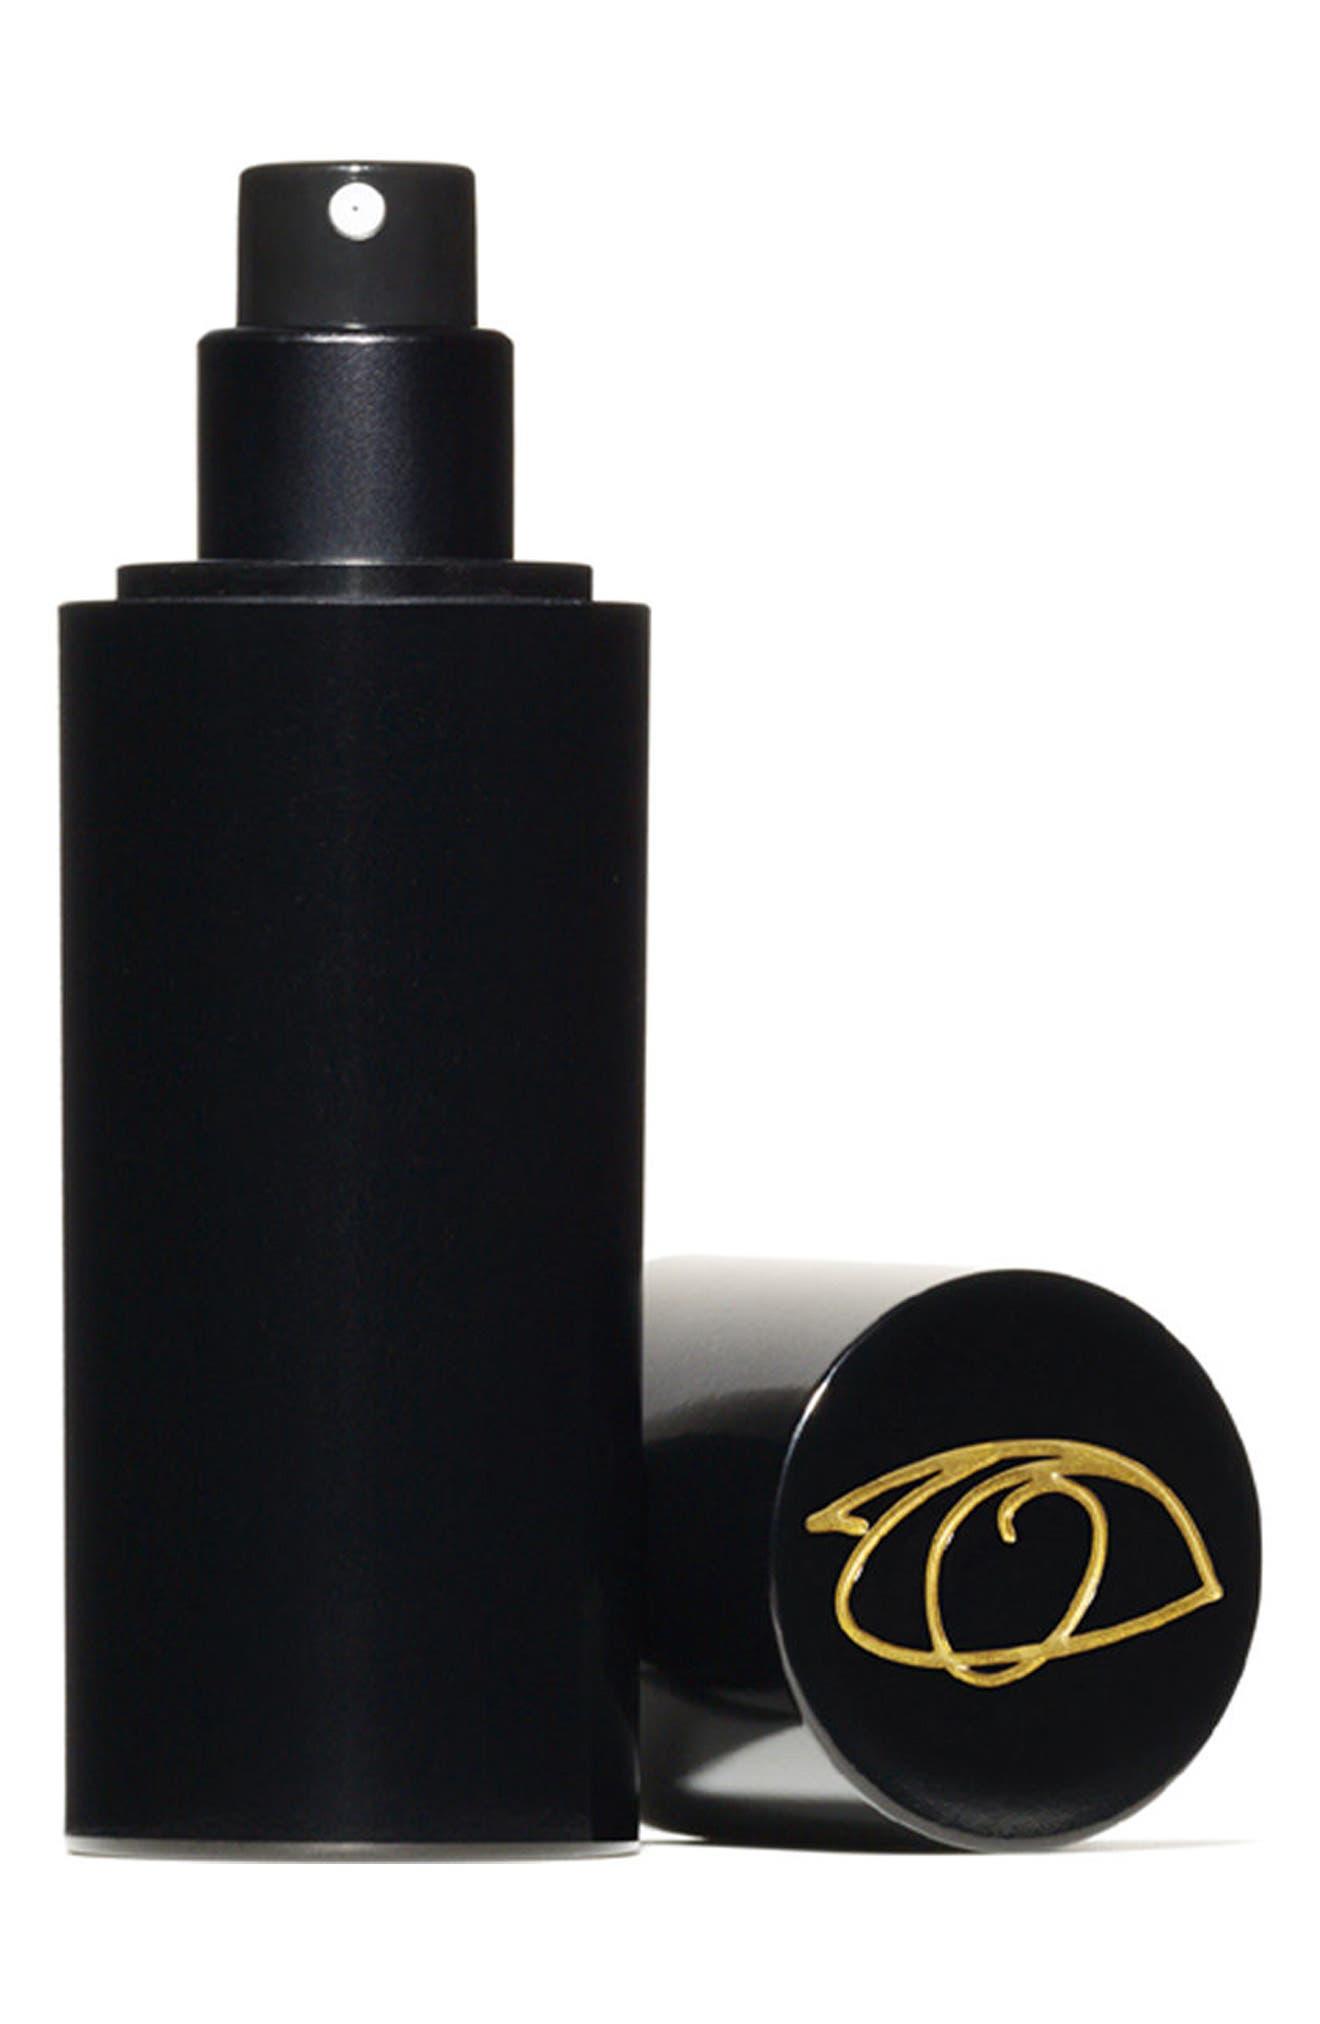 Editions de Parfums Frédéric Malle Alber Elbaz Superstitious Eau de Parfum Travel Spray Case,                         Main,                         color, 000